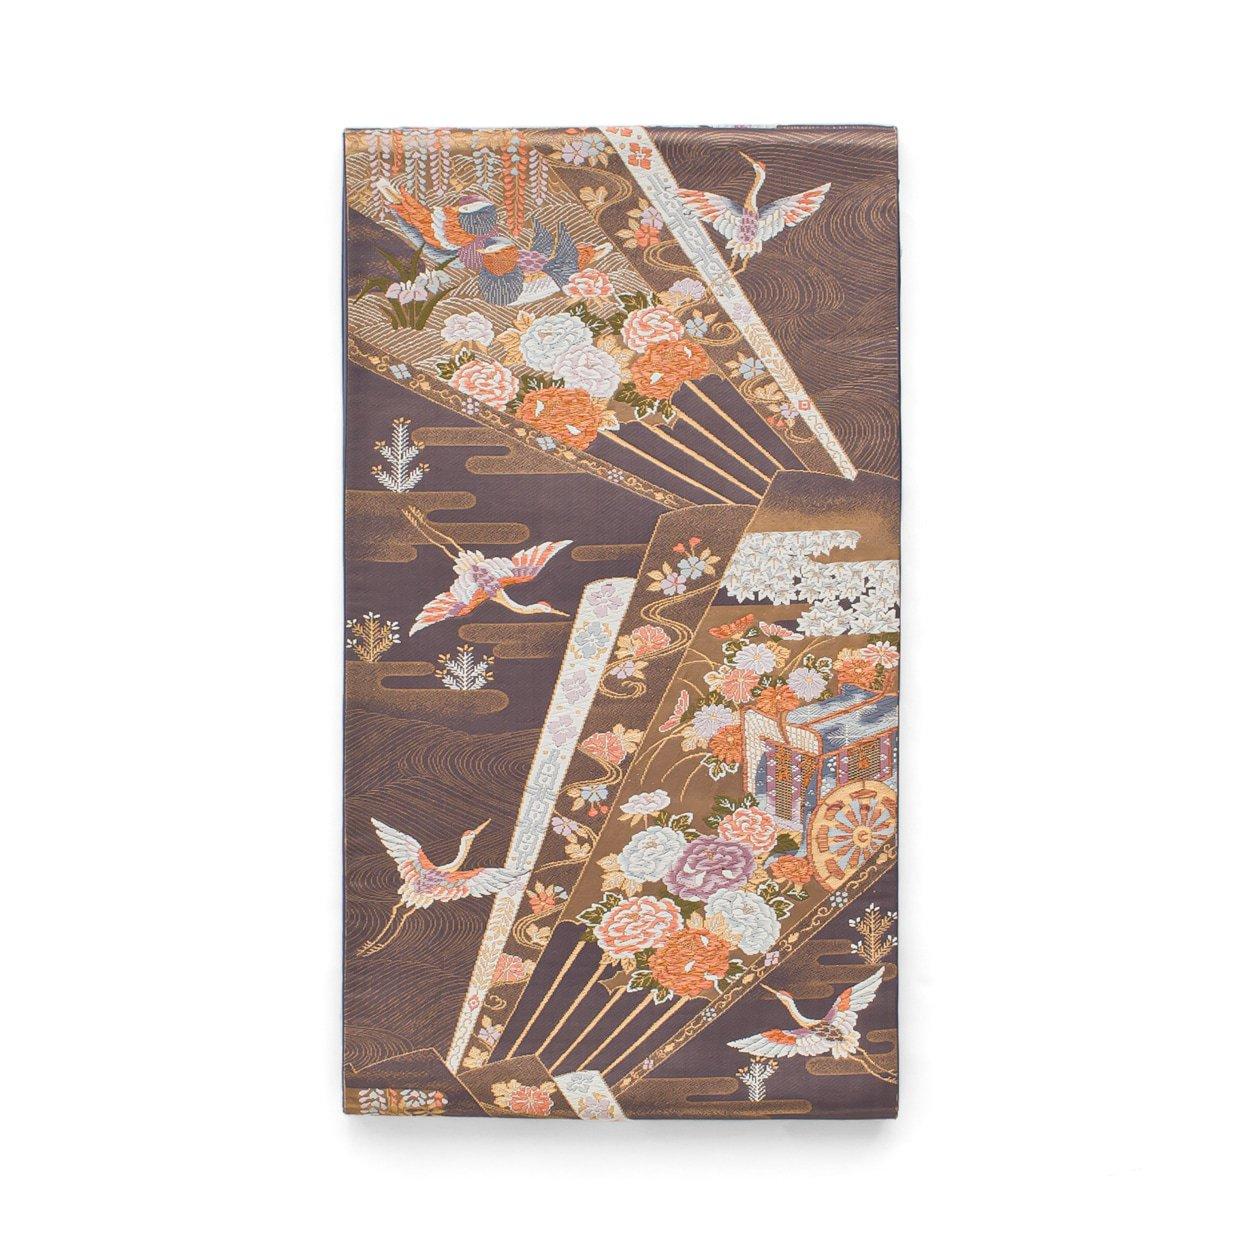 「袋帯●扇に御所車 空舞う鶴」の商品画像